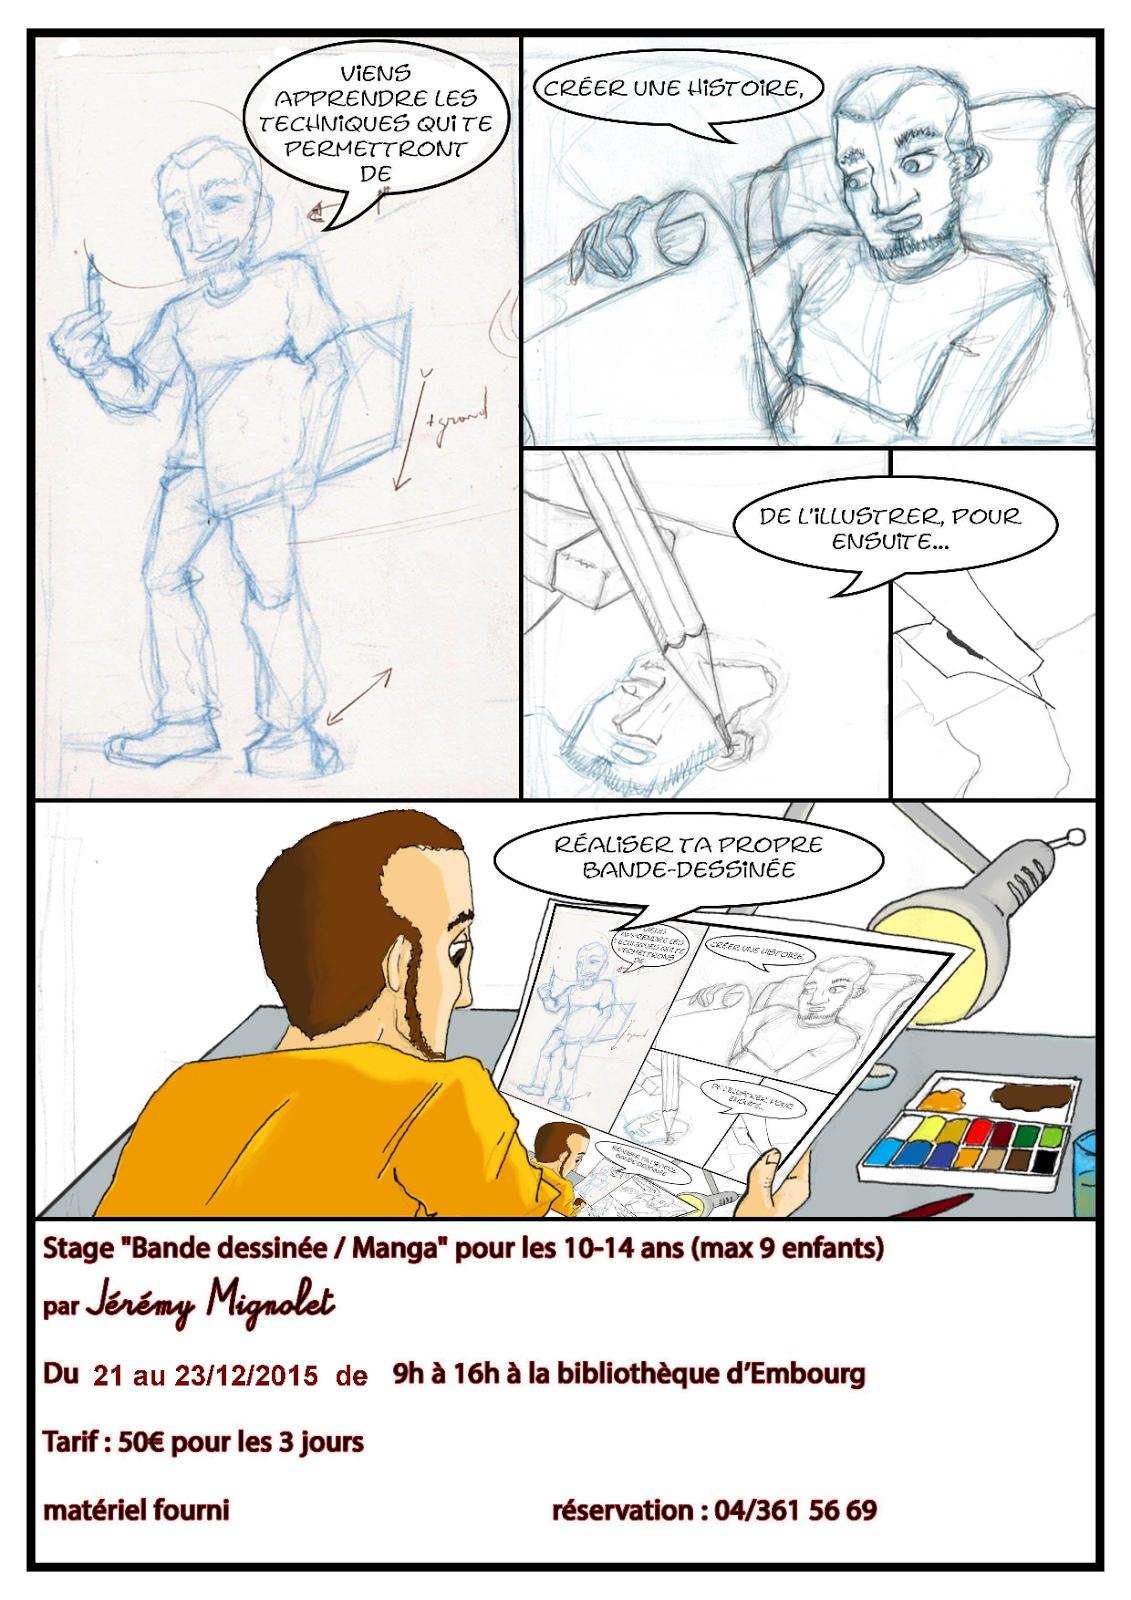 bande dessinee 14 ans